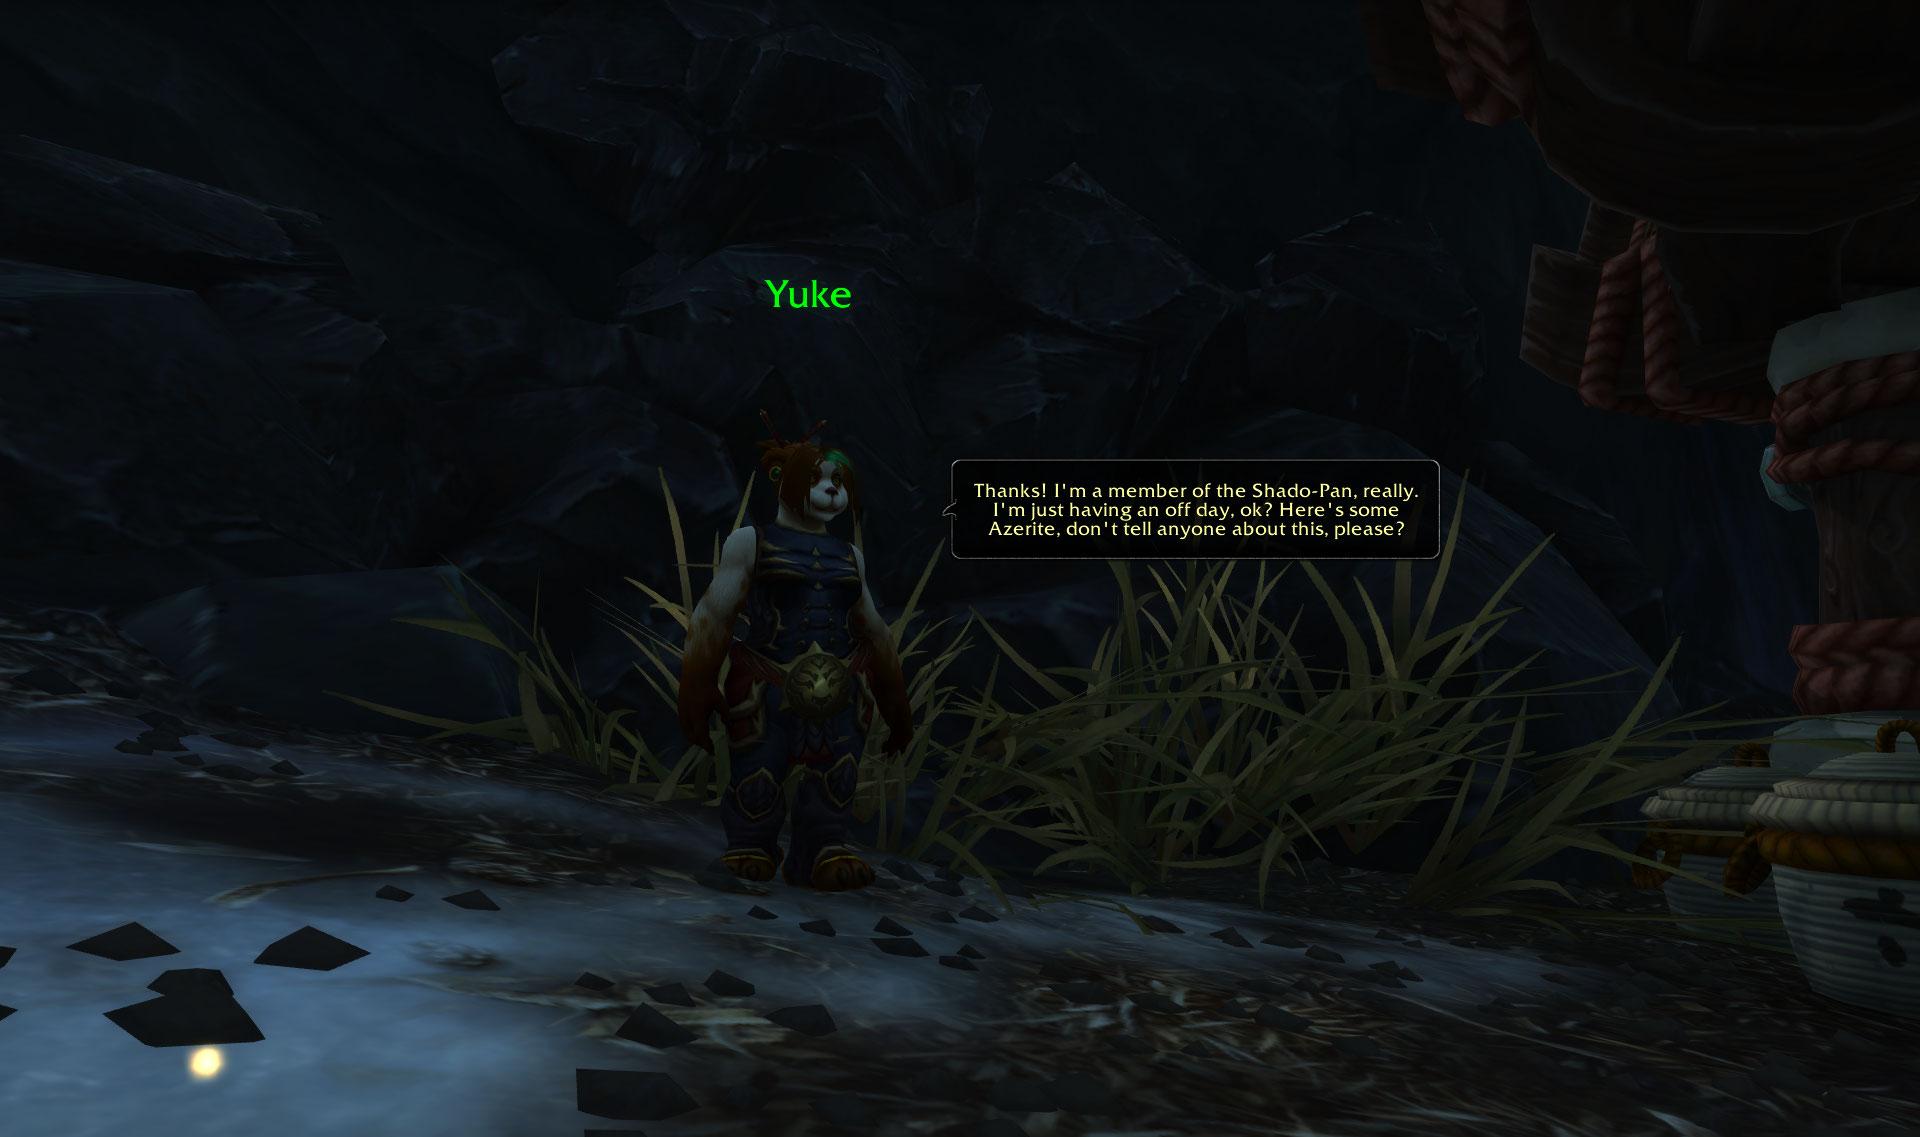 Screenshot de l'île Village Fleur-des-Neiges dans le patch 8.2 de World of Warcraft.